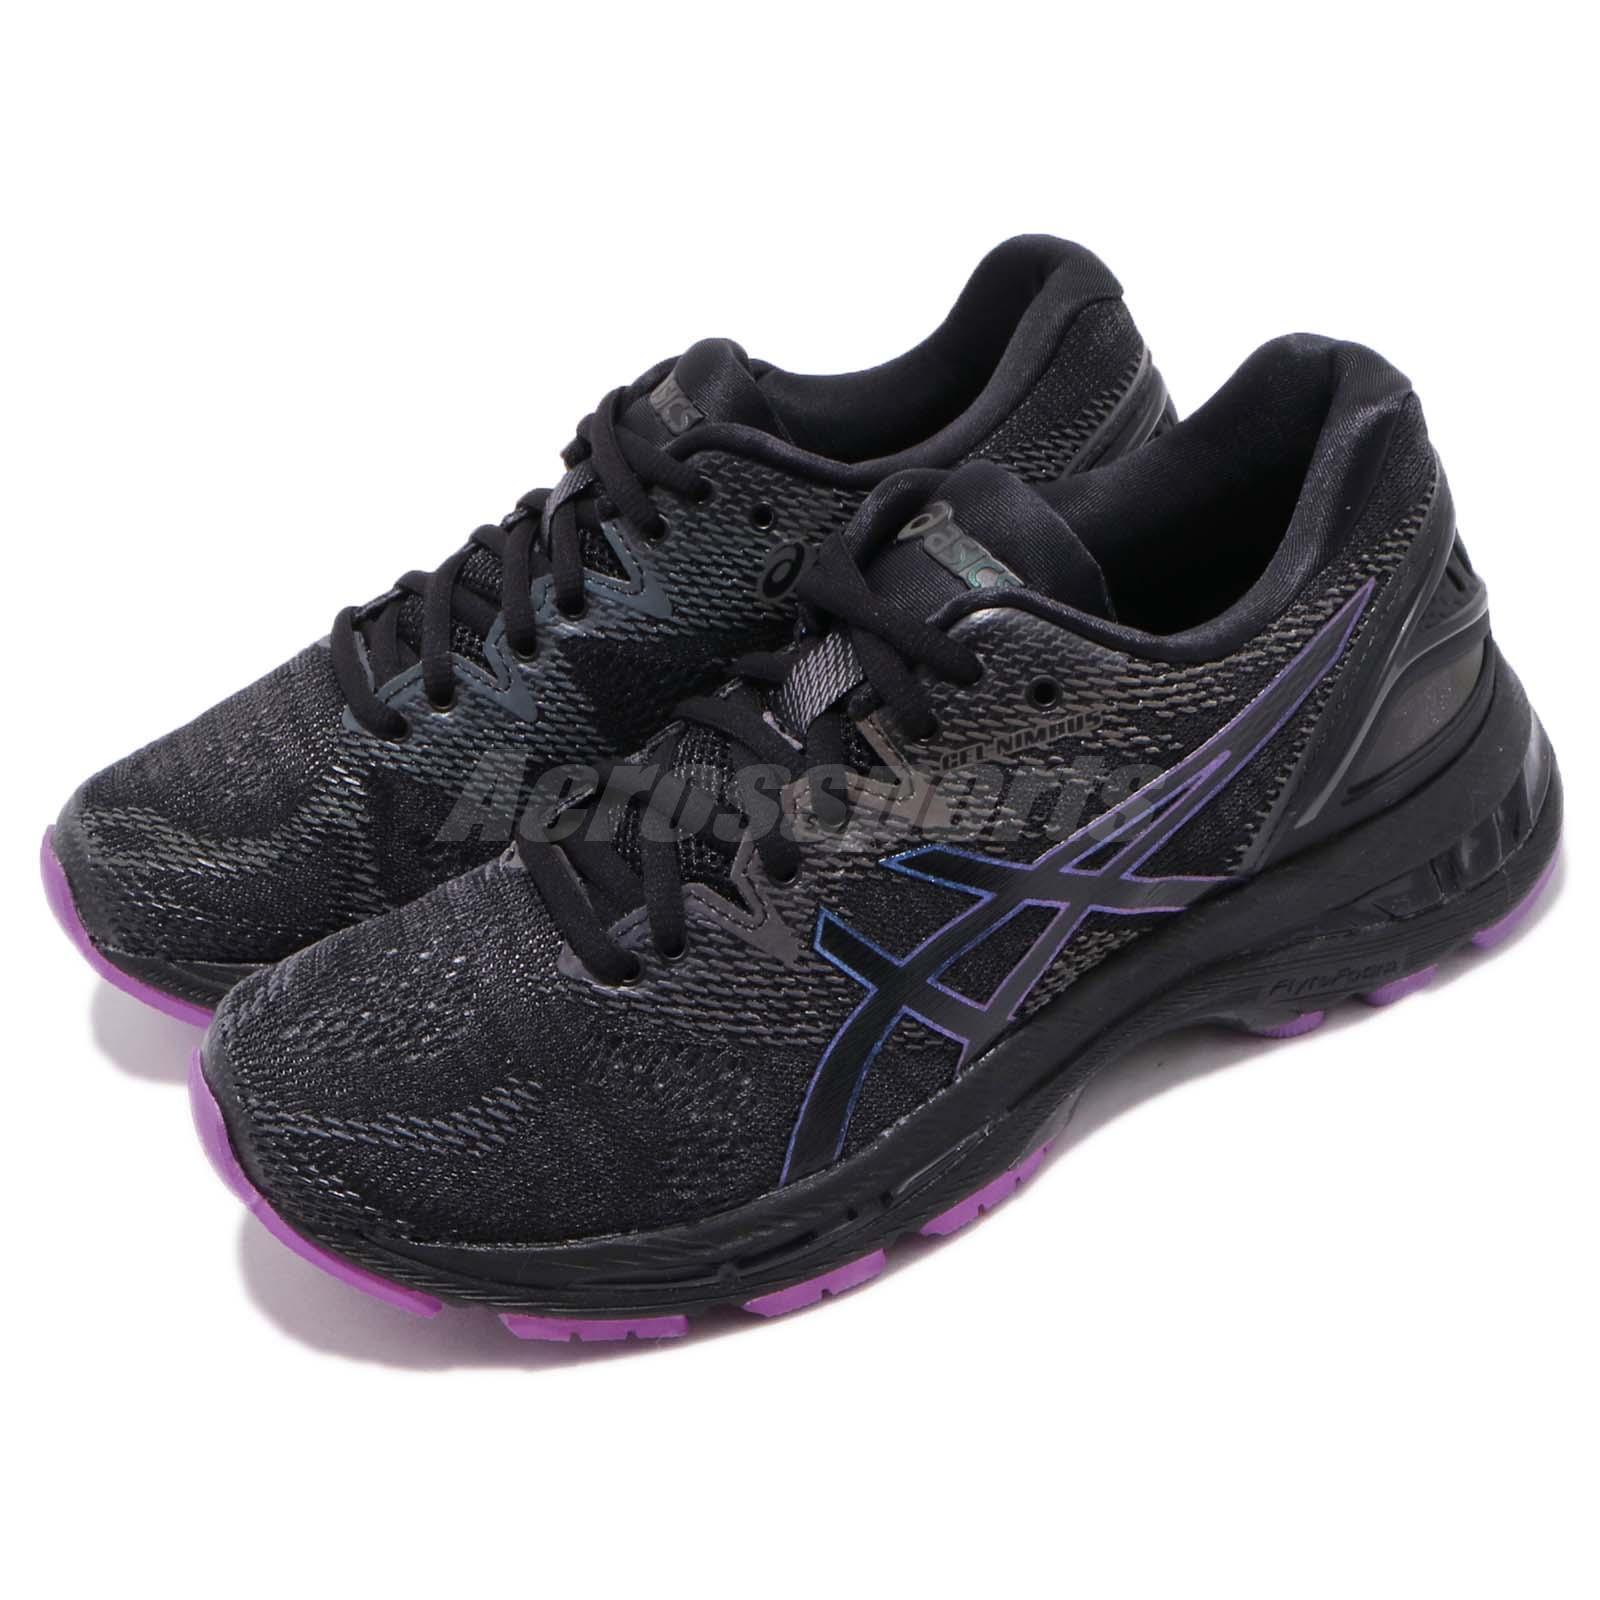 Details about Asics Gel-Nimbus 20 Lite-Show Black Purple Women Running Shoes 1012A037-001